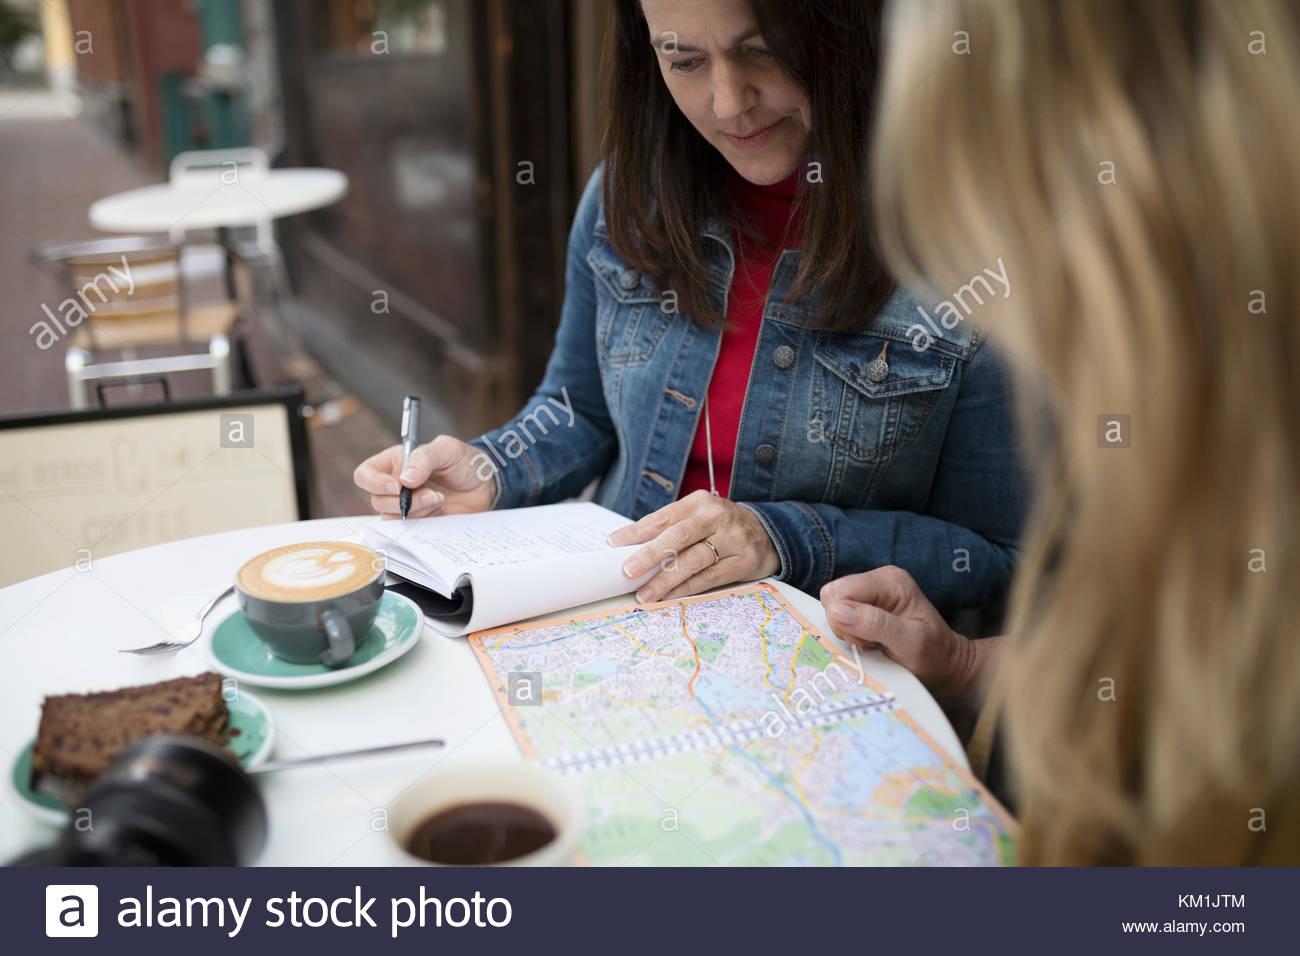 Las mujeres maduras amigos planificación con mapa, beber un café en la cafetería Imagen De Stock